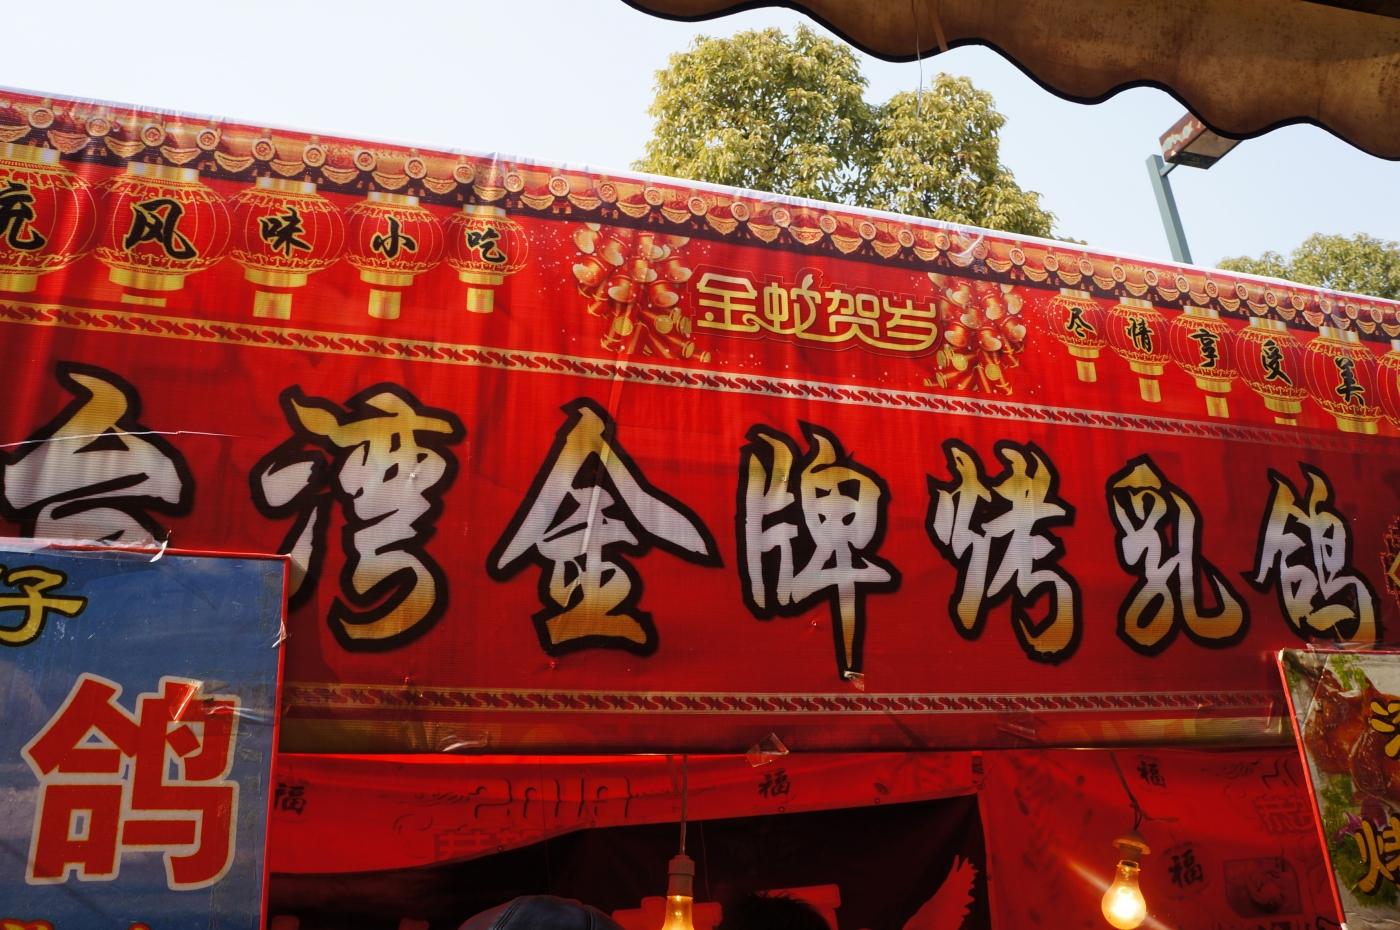 迎新春展销会.美食街(摄影原创)_图1-10